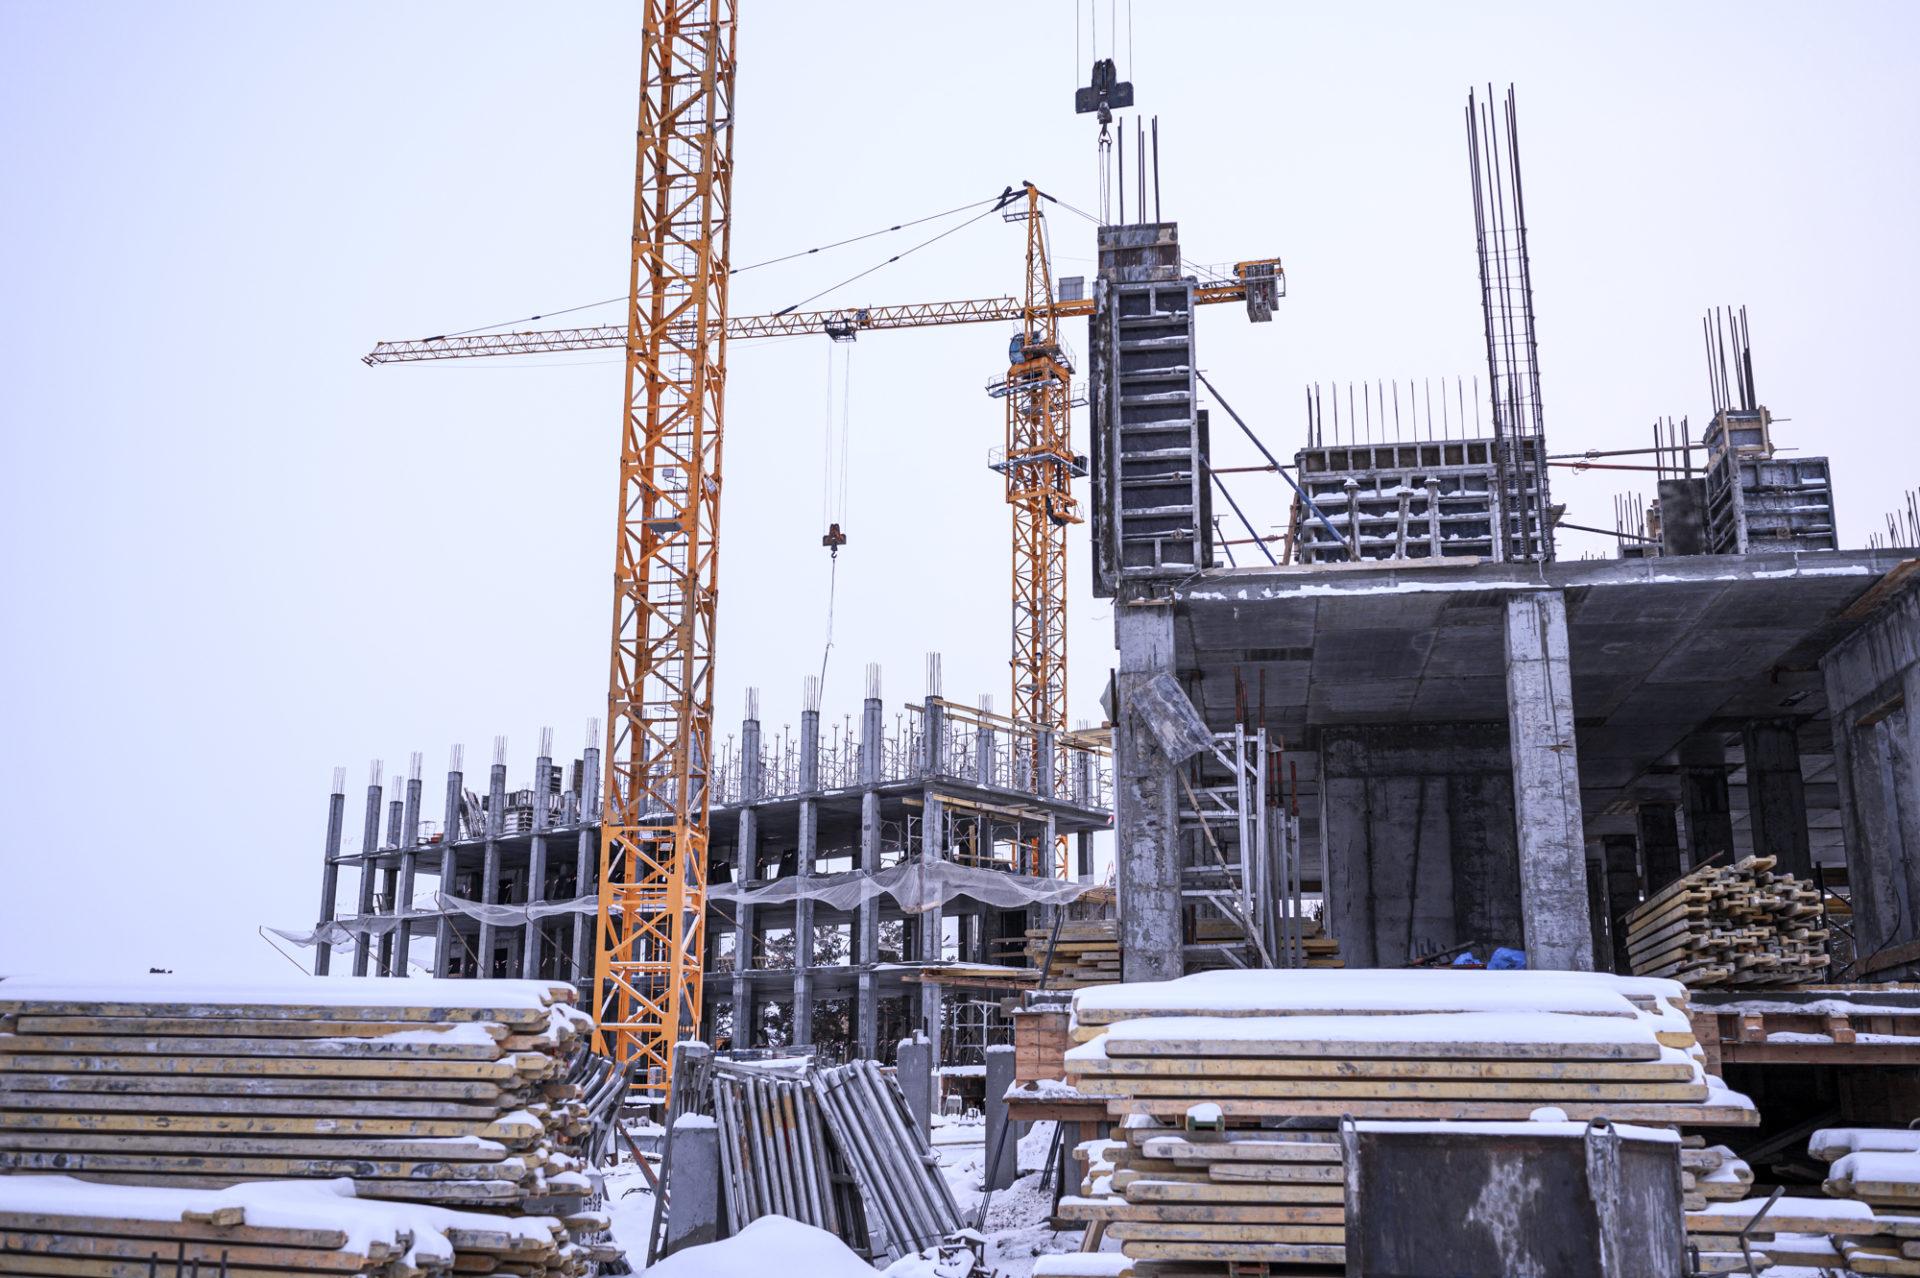 Управление госстройжилнадзора Якутии подвело итоги работы за 1 полугодие 2021 года